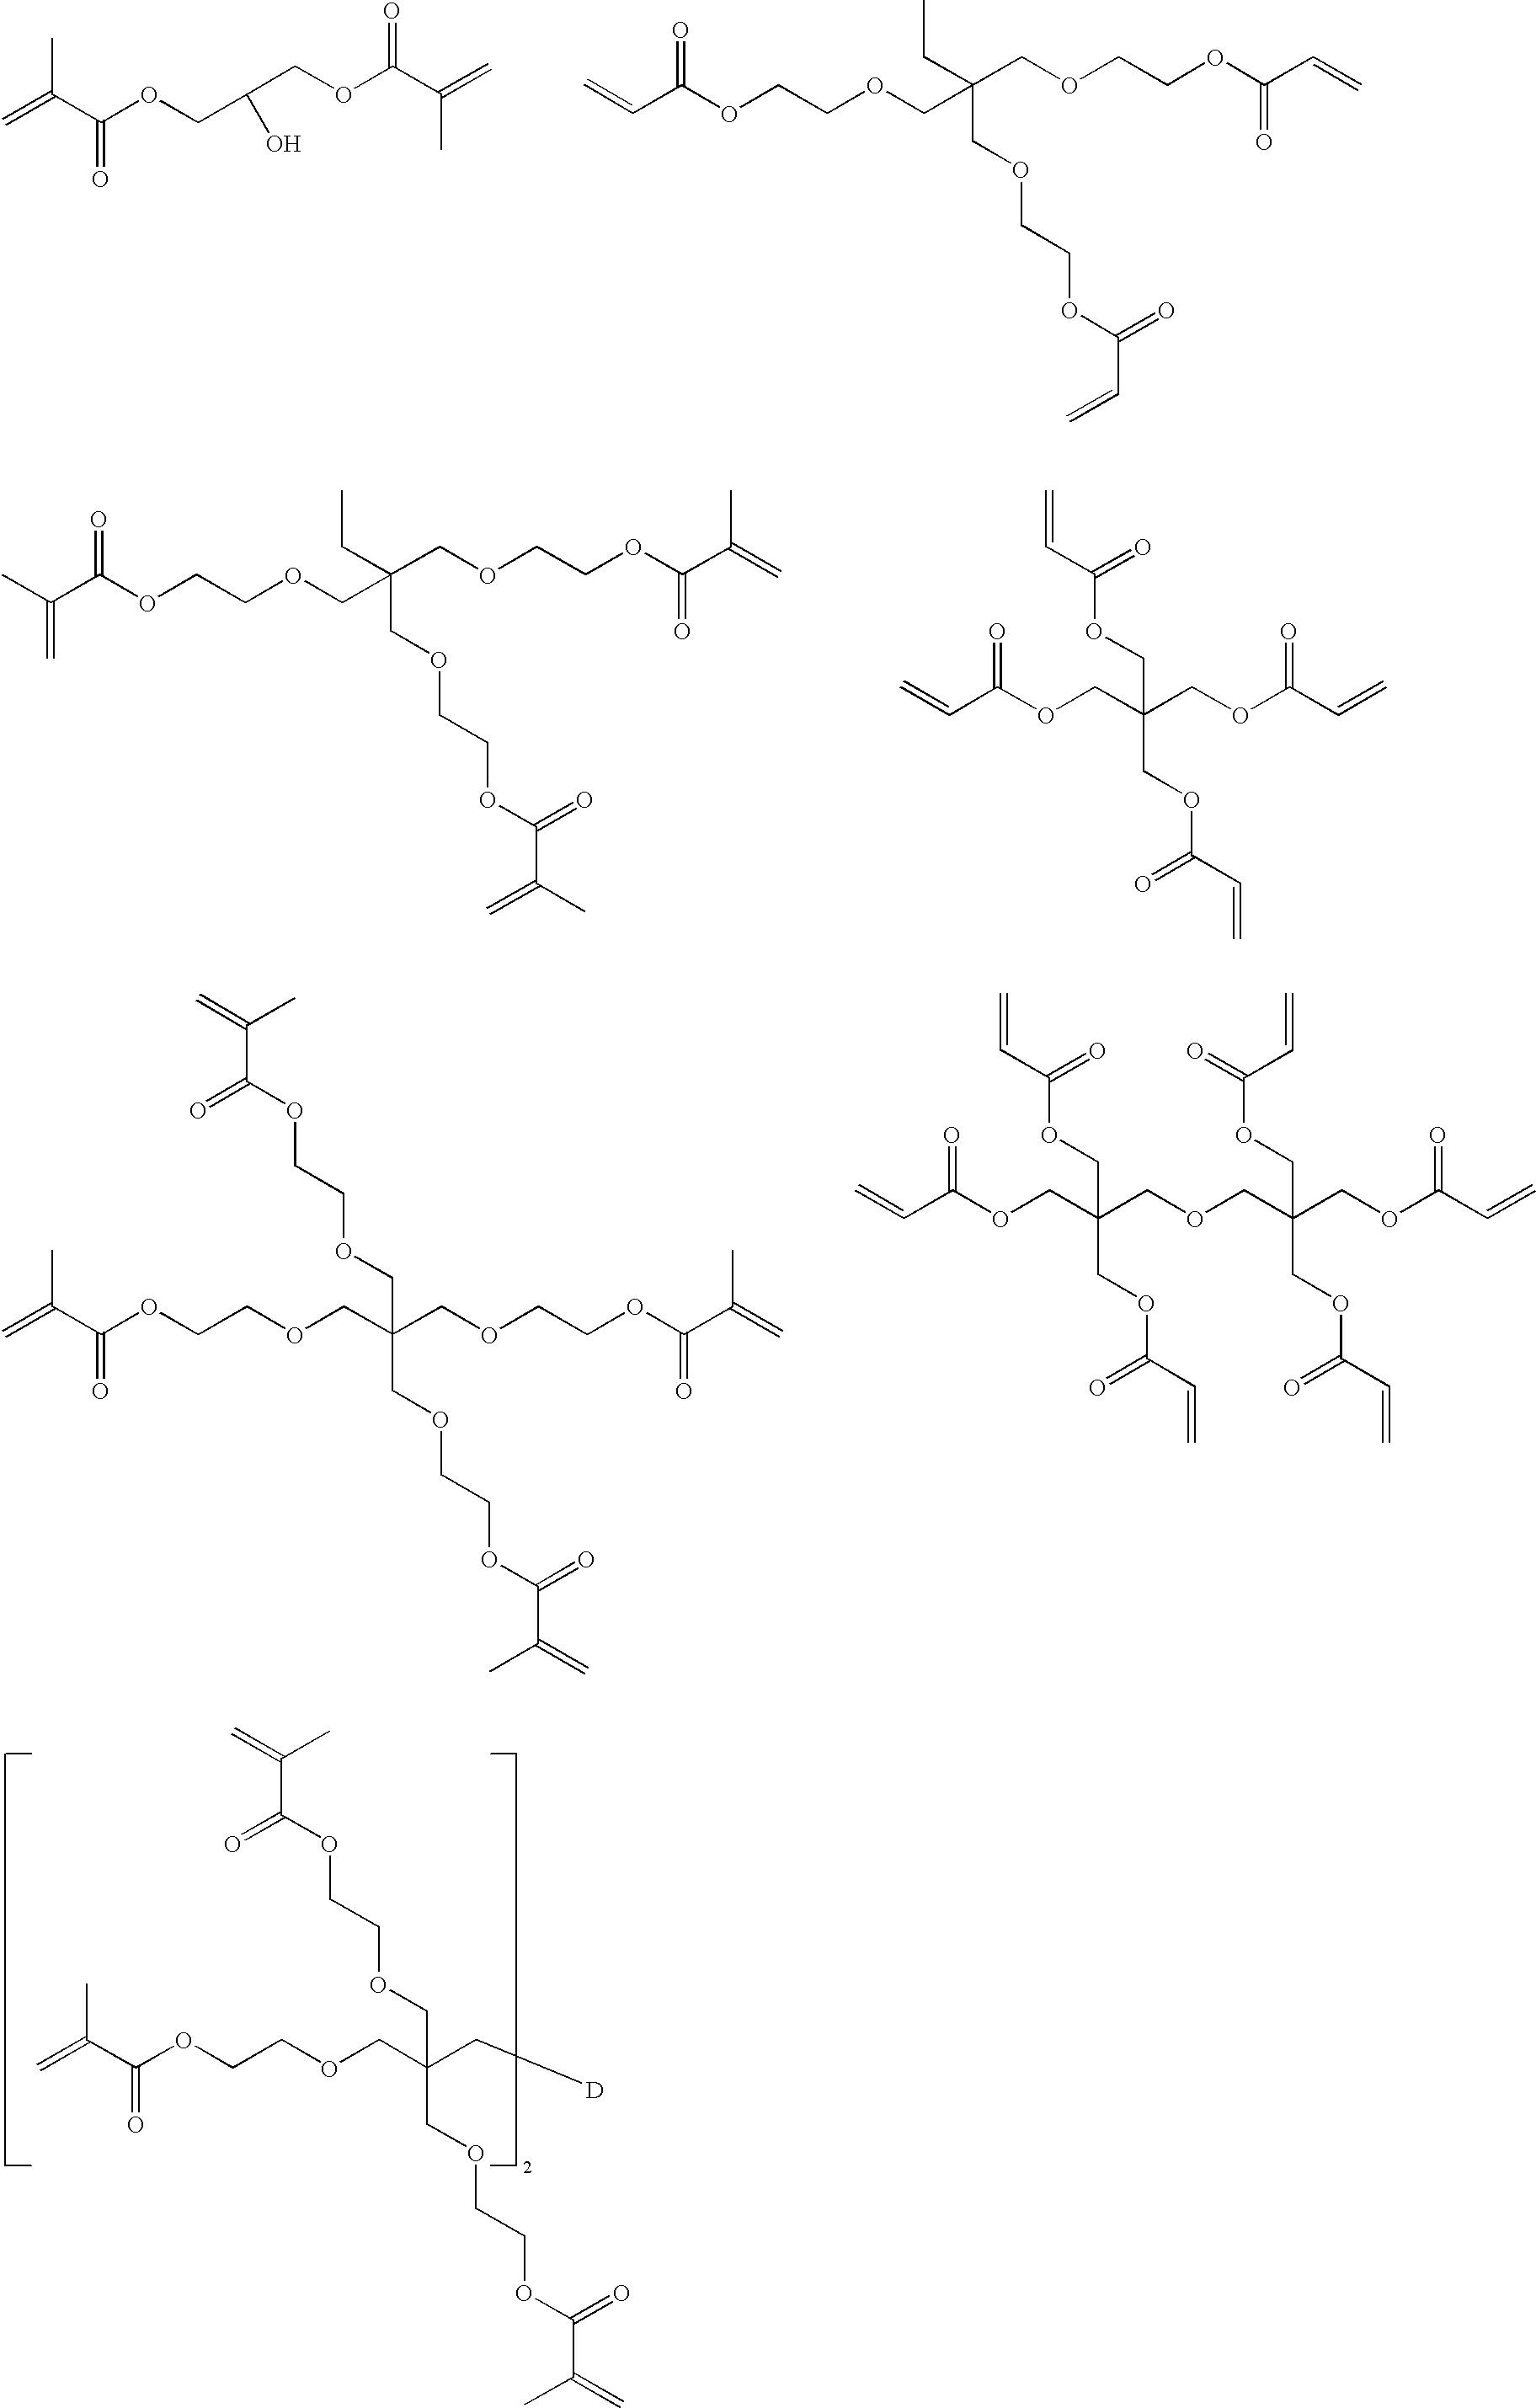 Figure US20090075034A1-20090319-C00002